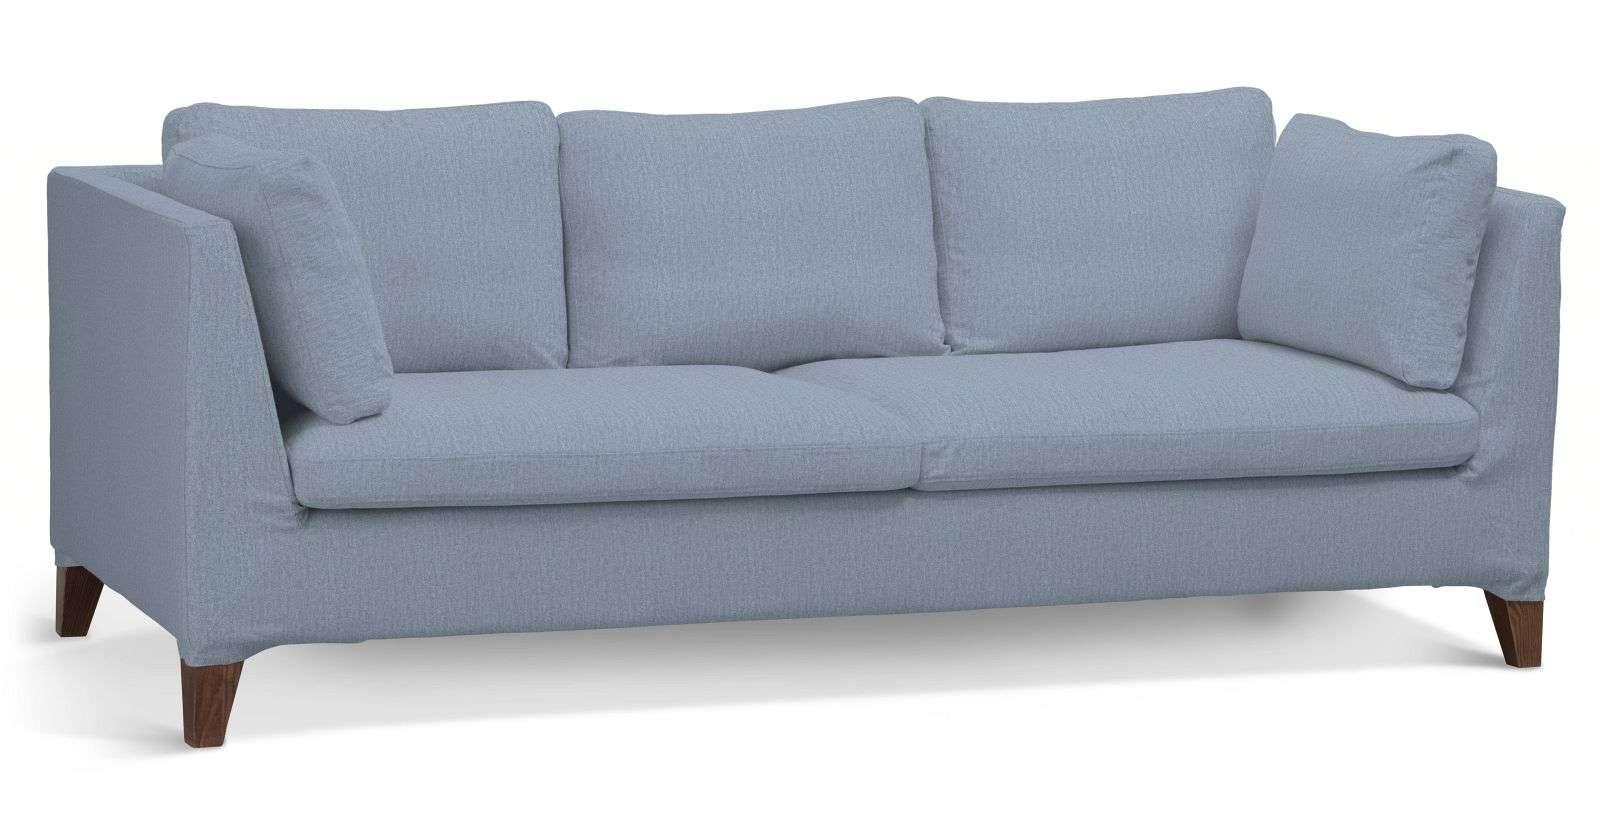 Pokrowiec na sofę Stockholm 3-osobową sofa Stockholm 3-osobowa w kolekcji Chenille, tkanina: 702-13